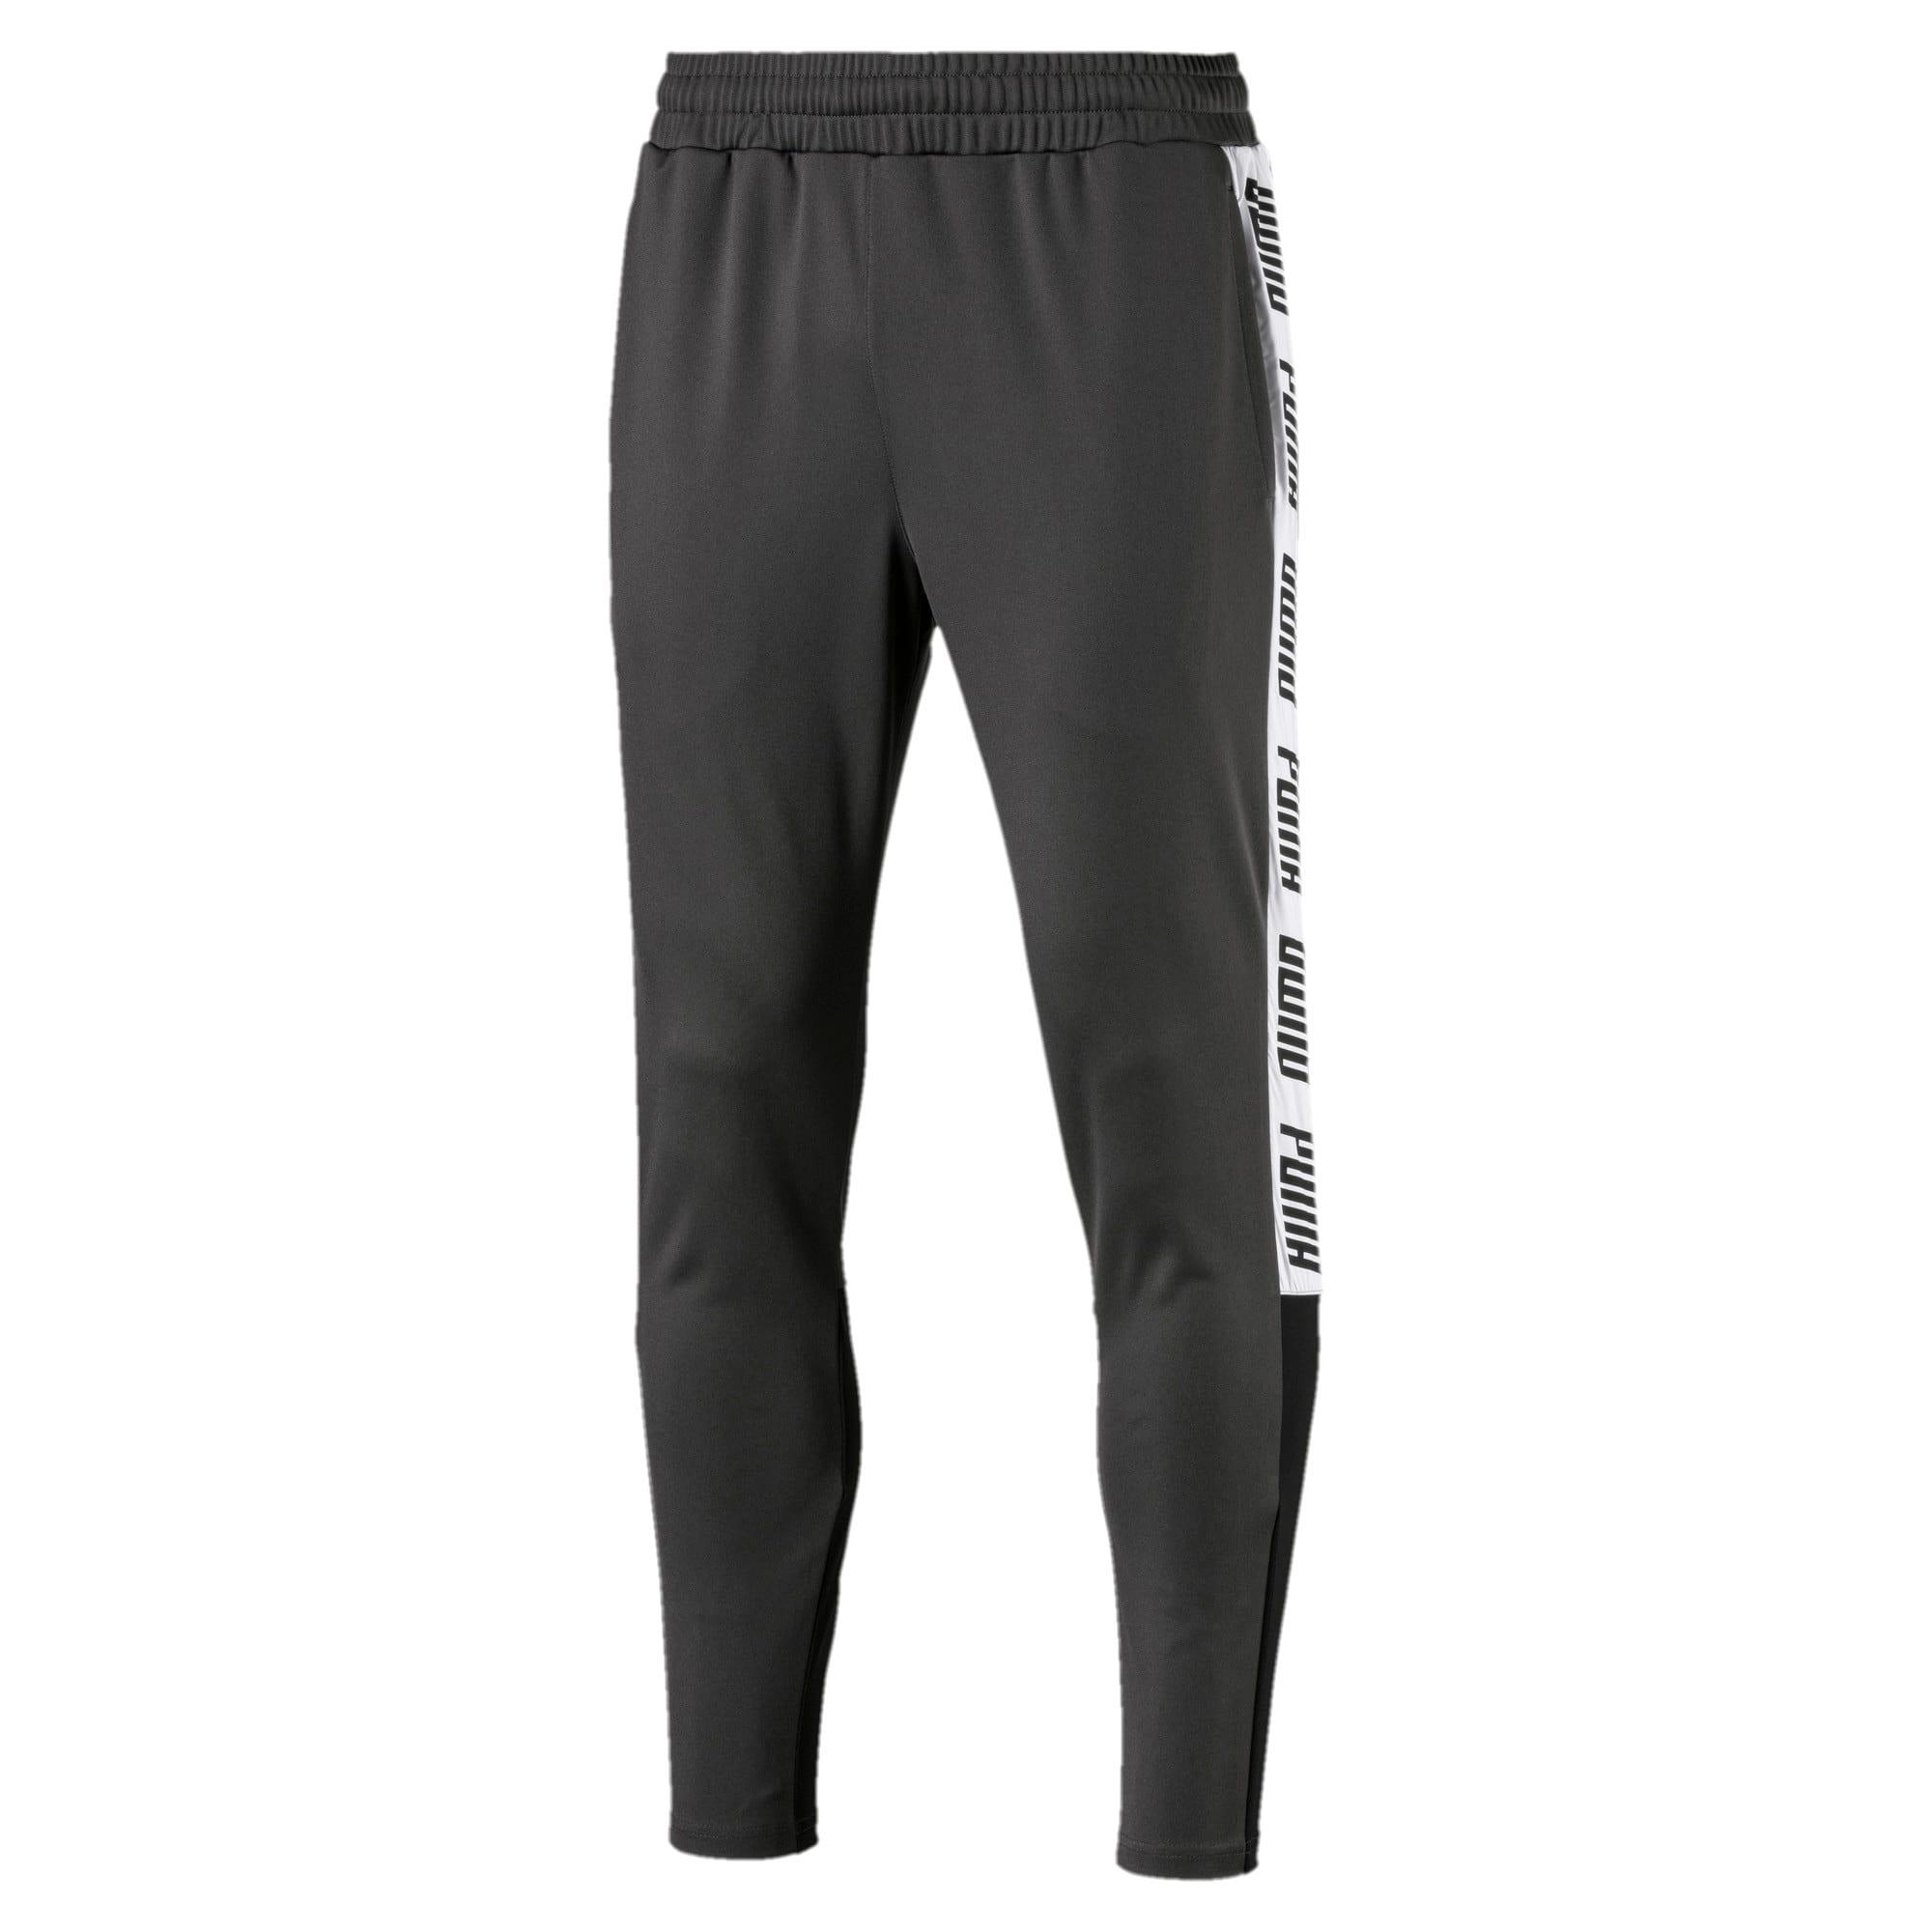 Miniatura 1 de Pantalones deportivosA.C.E. para hombre, Asphalt-Black-White, mediano